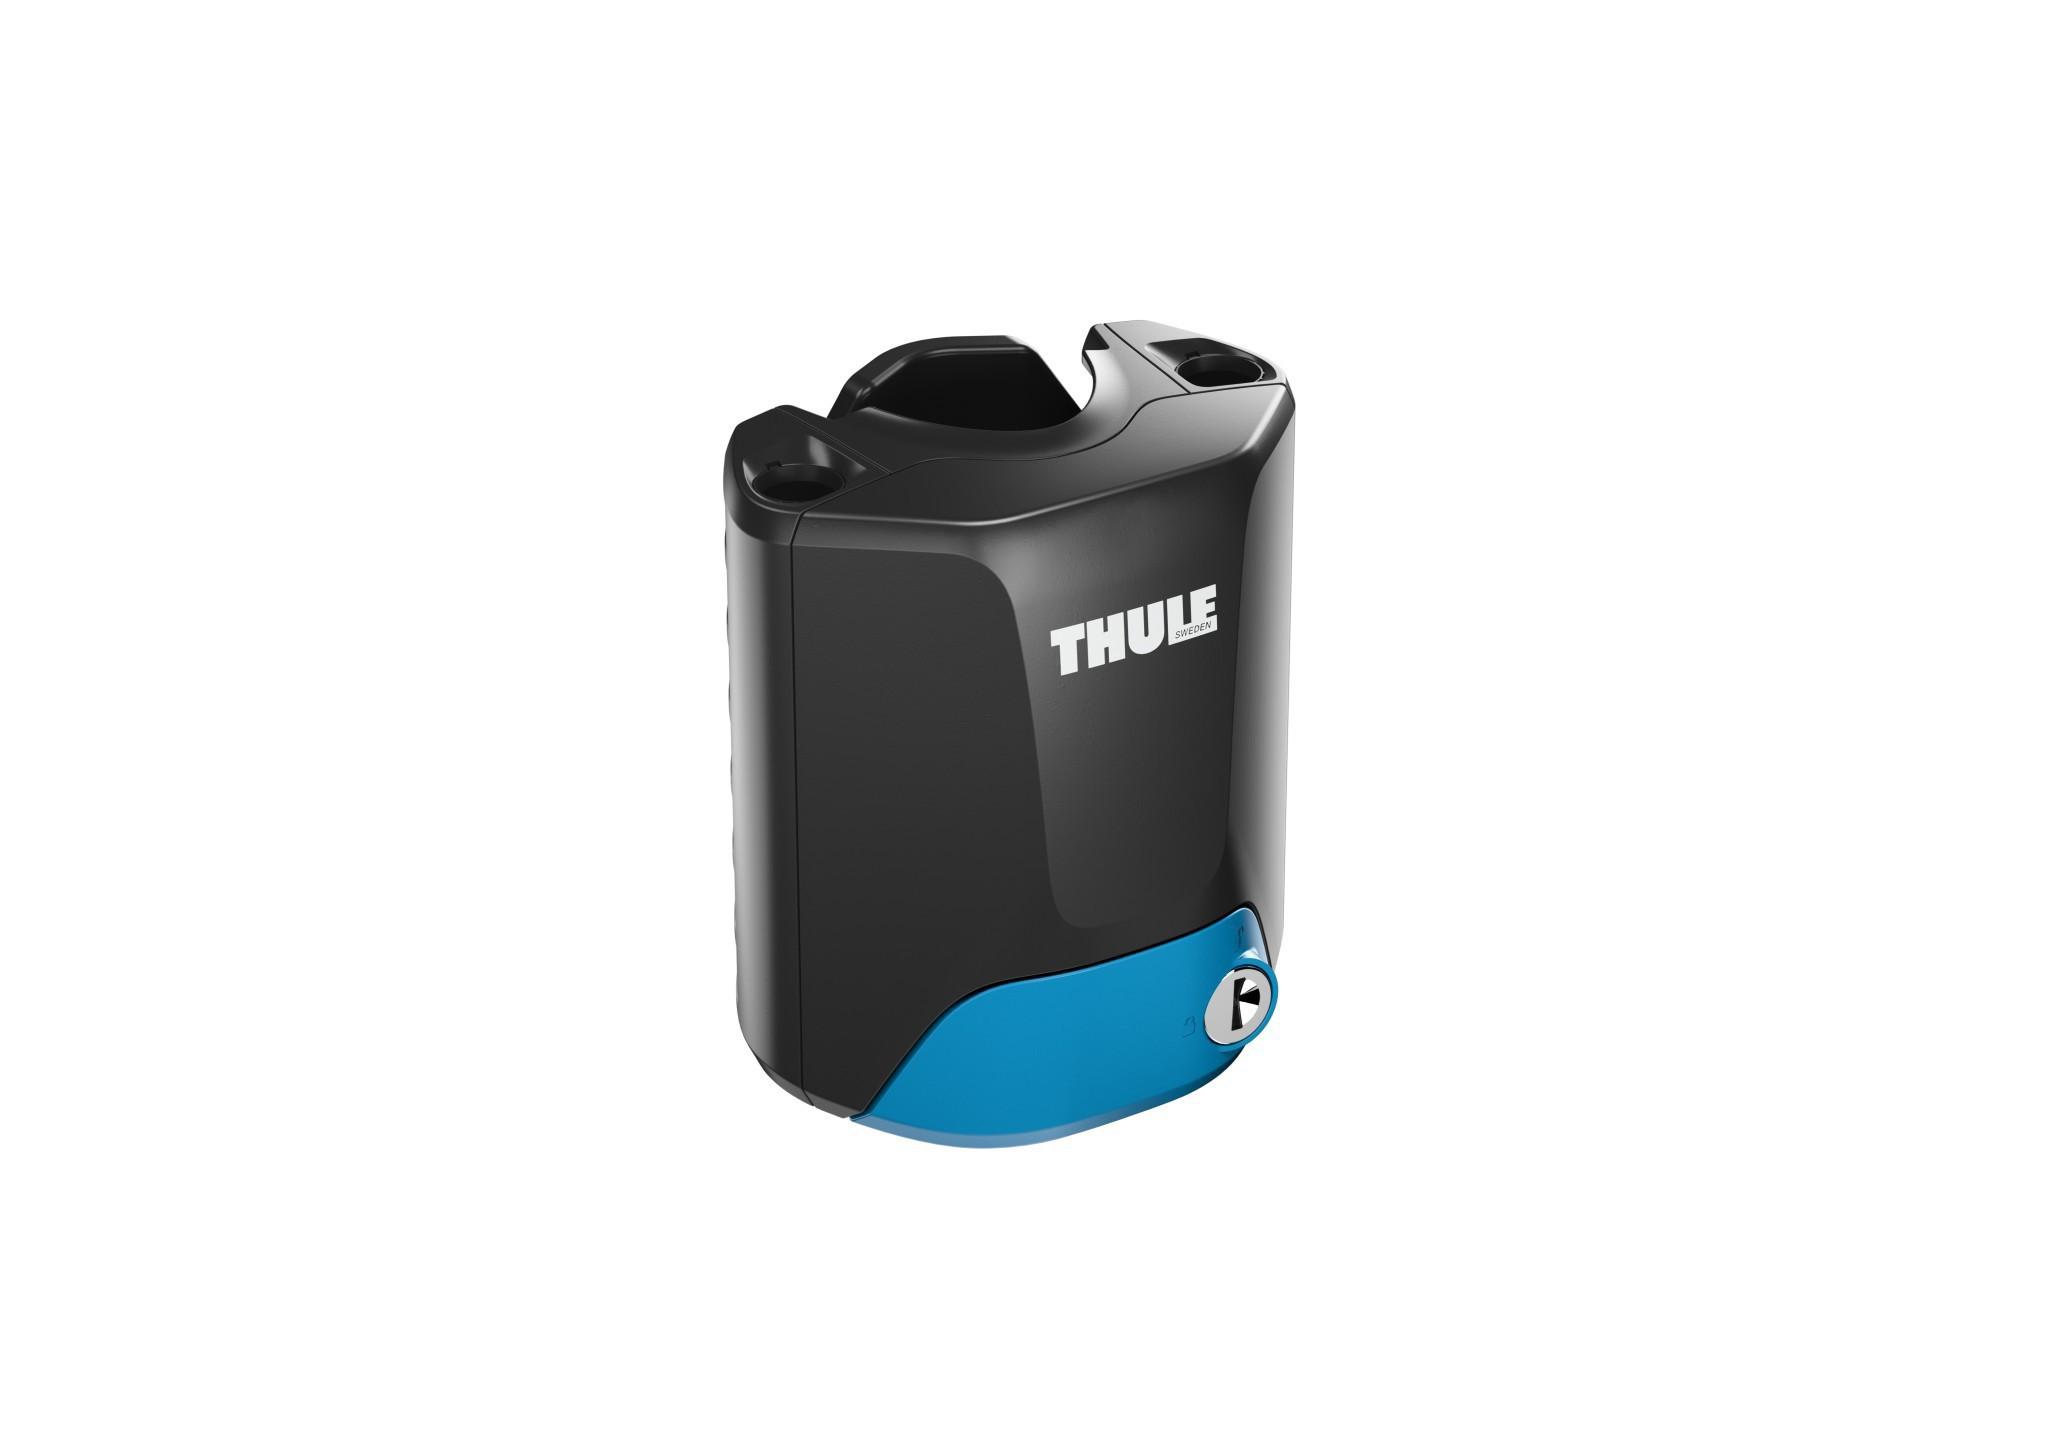 Thule RideAlong - Dodatkowy uchwyt mocujący